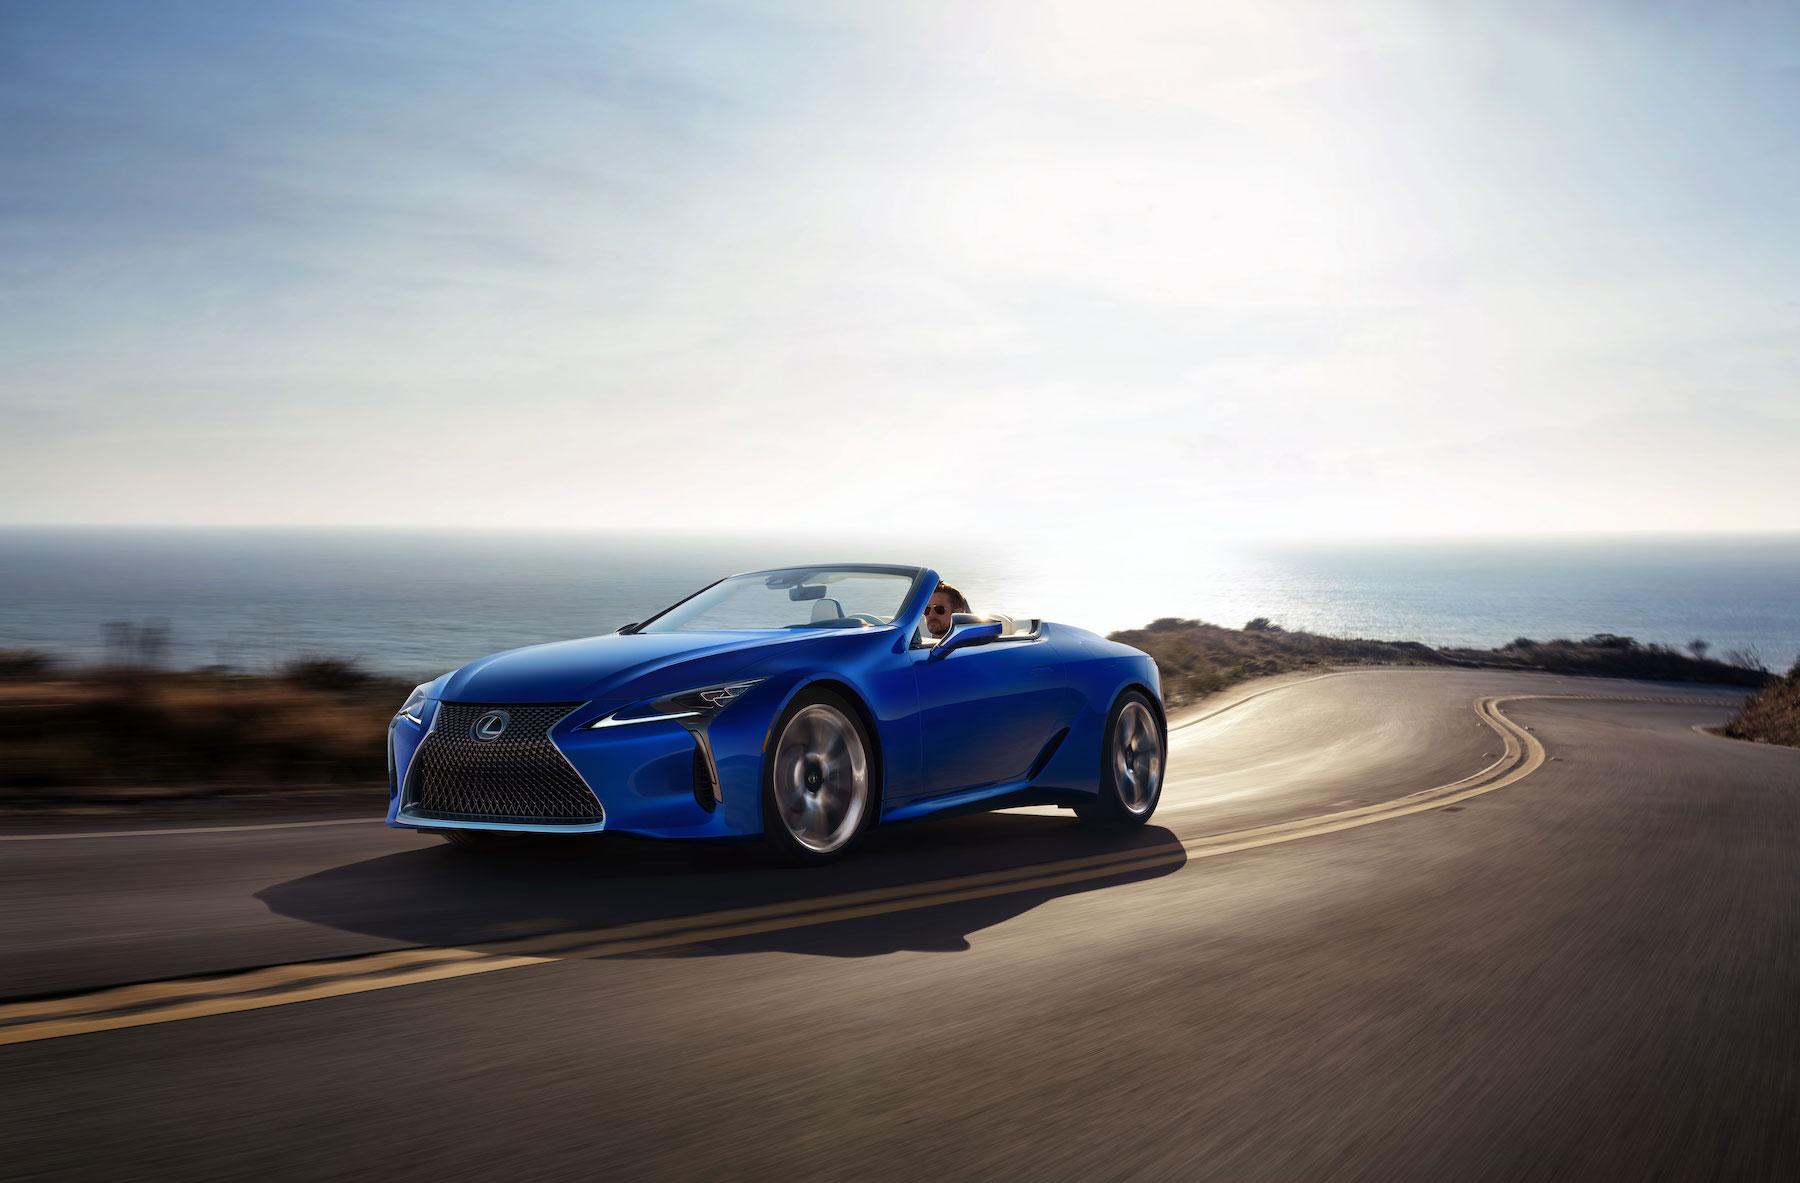 migliori auto cabrio: Lexus LC 500 Convertible anteriore